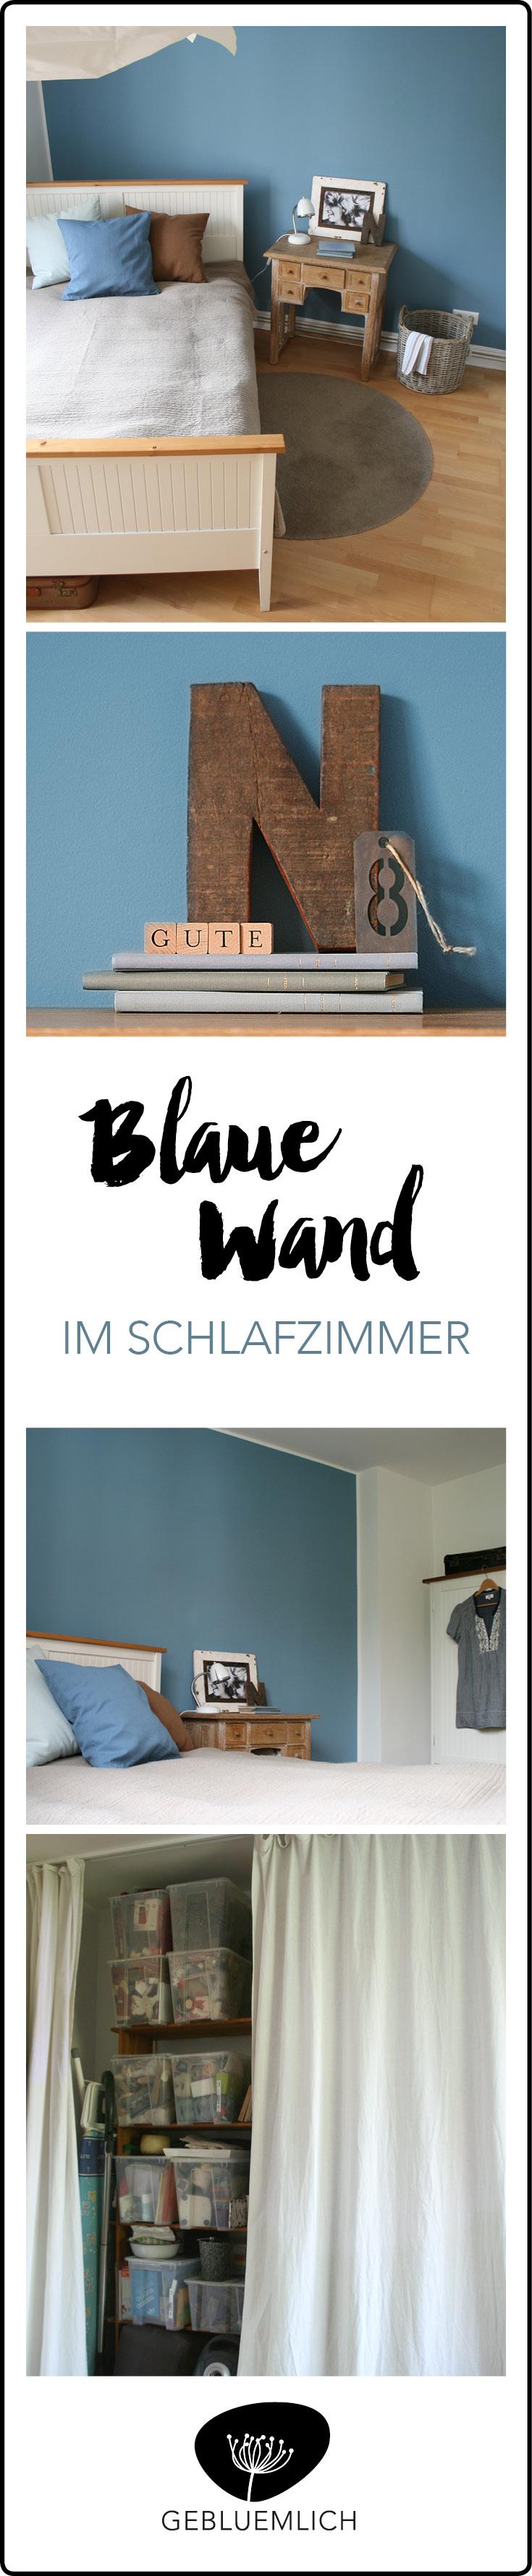 Cool down - blaue Wand im Schlafzimmer